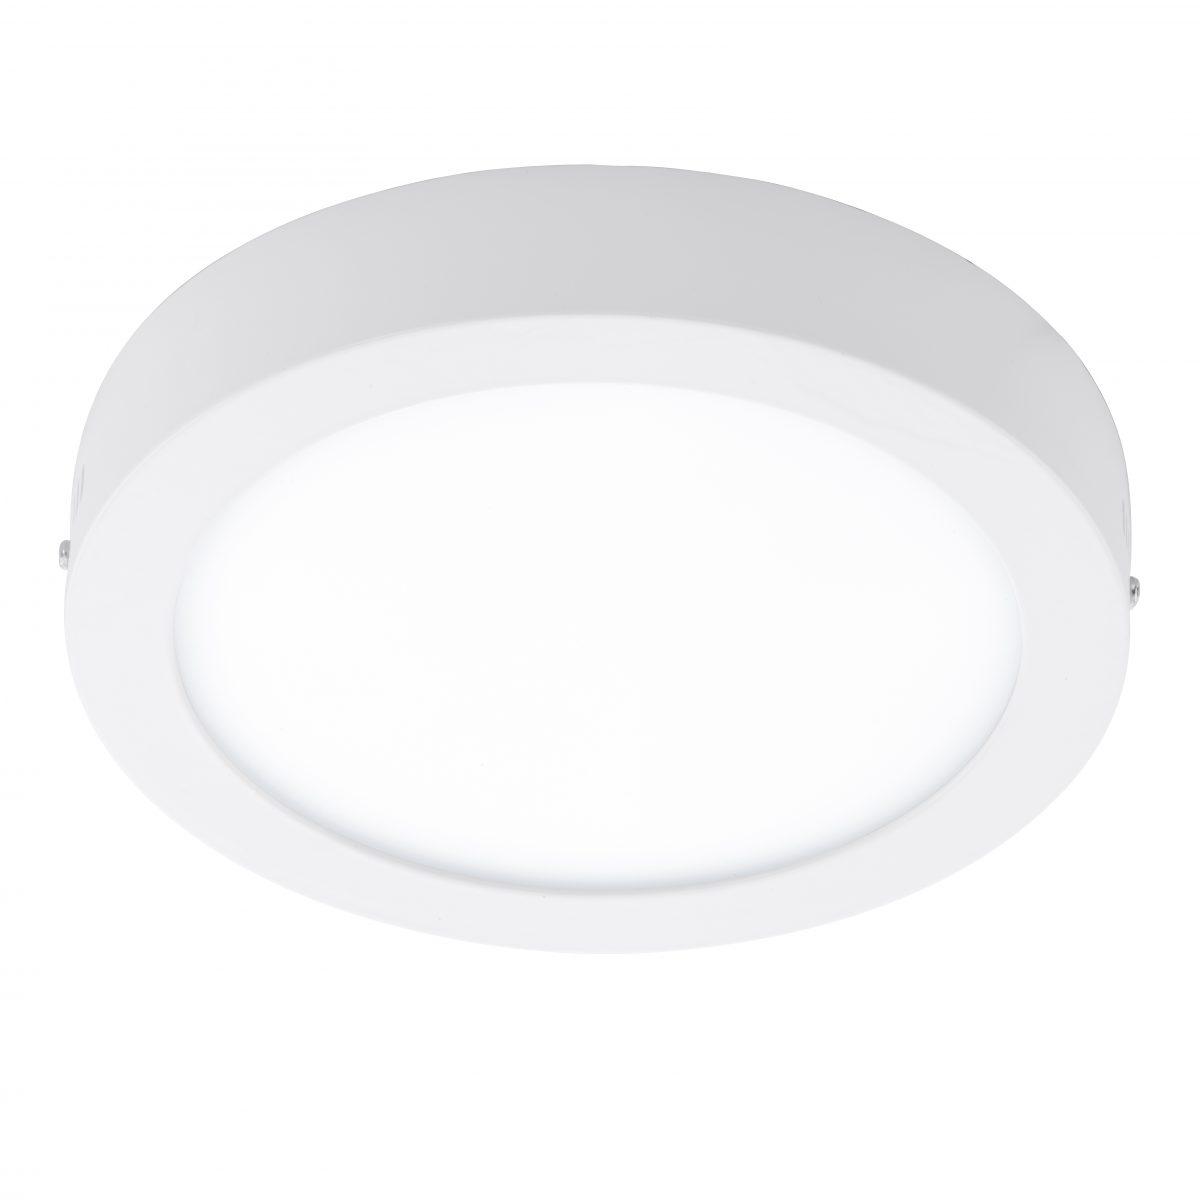 Светильник настенно-потолочный FUEVA-C/CONNECT EGLO 96669 - Фото №28